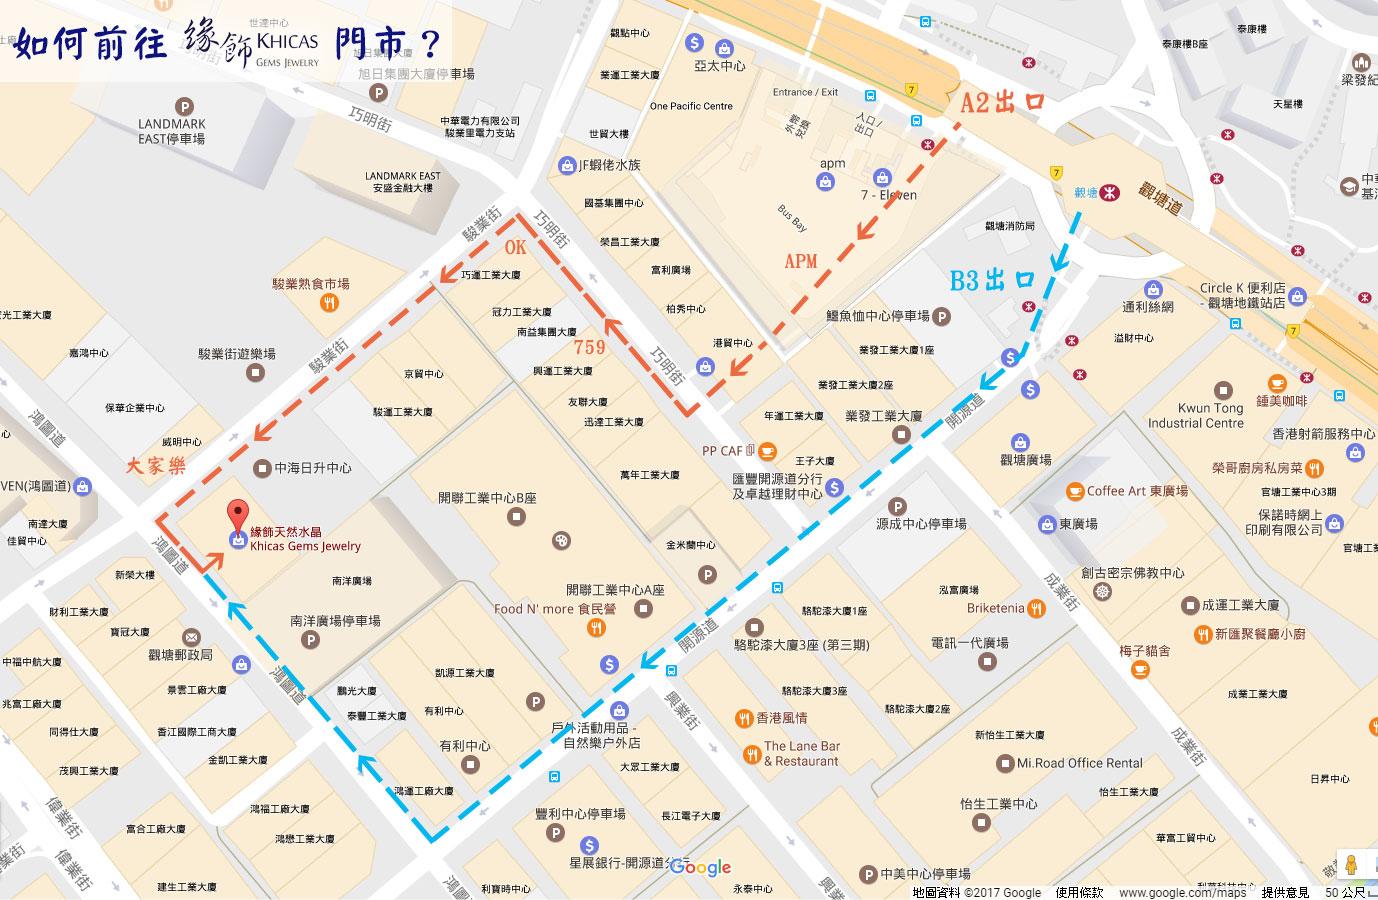 前往緣飾天然水晶門市路線圖 Road Map to Khicas Gems Jewelry